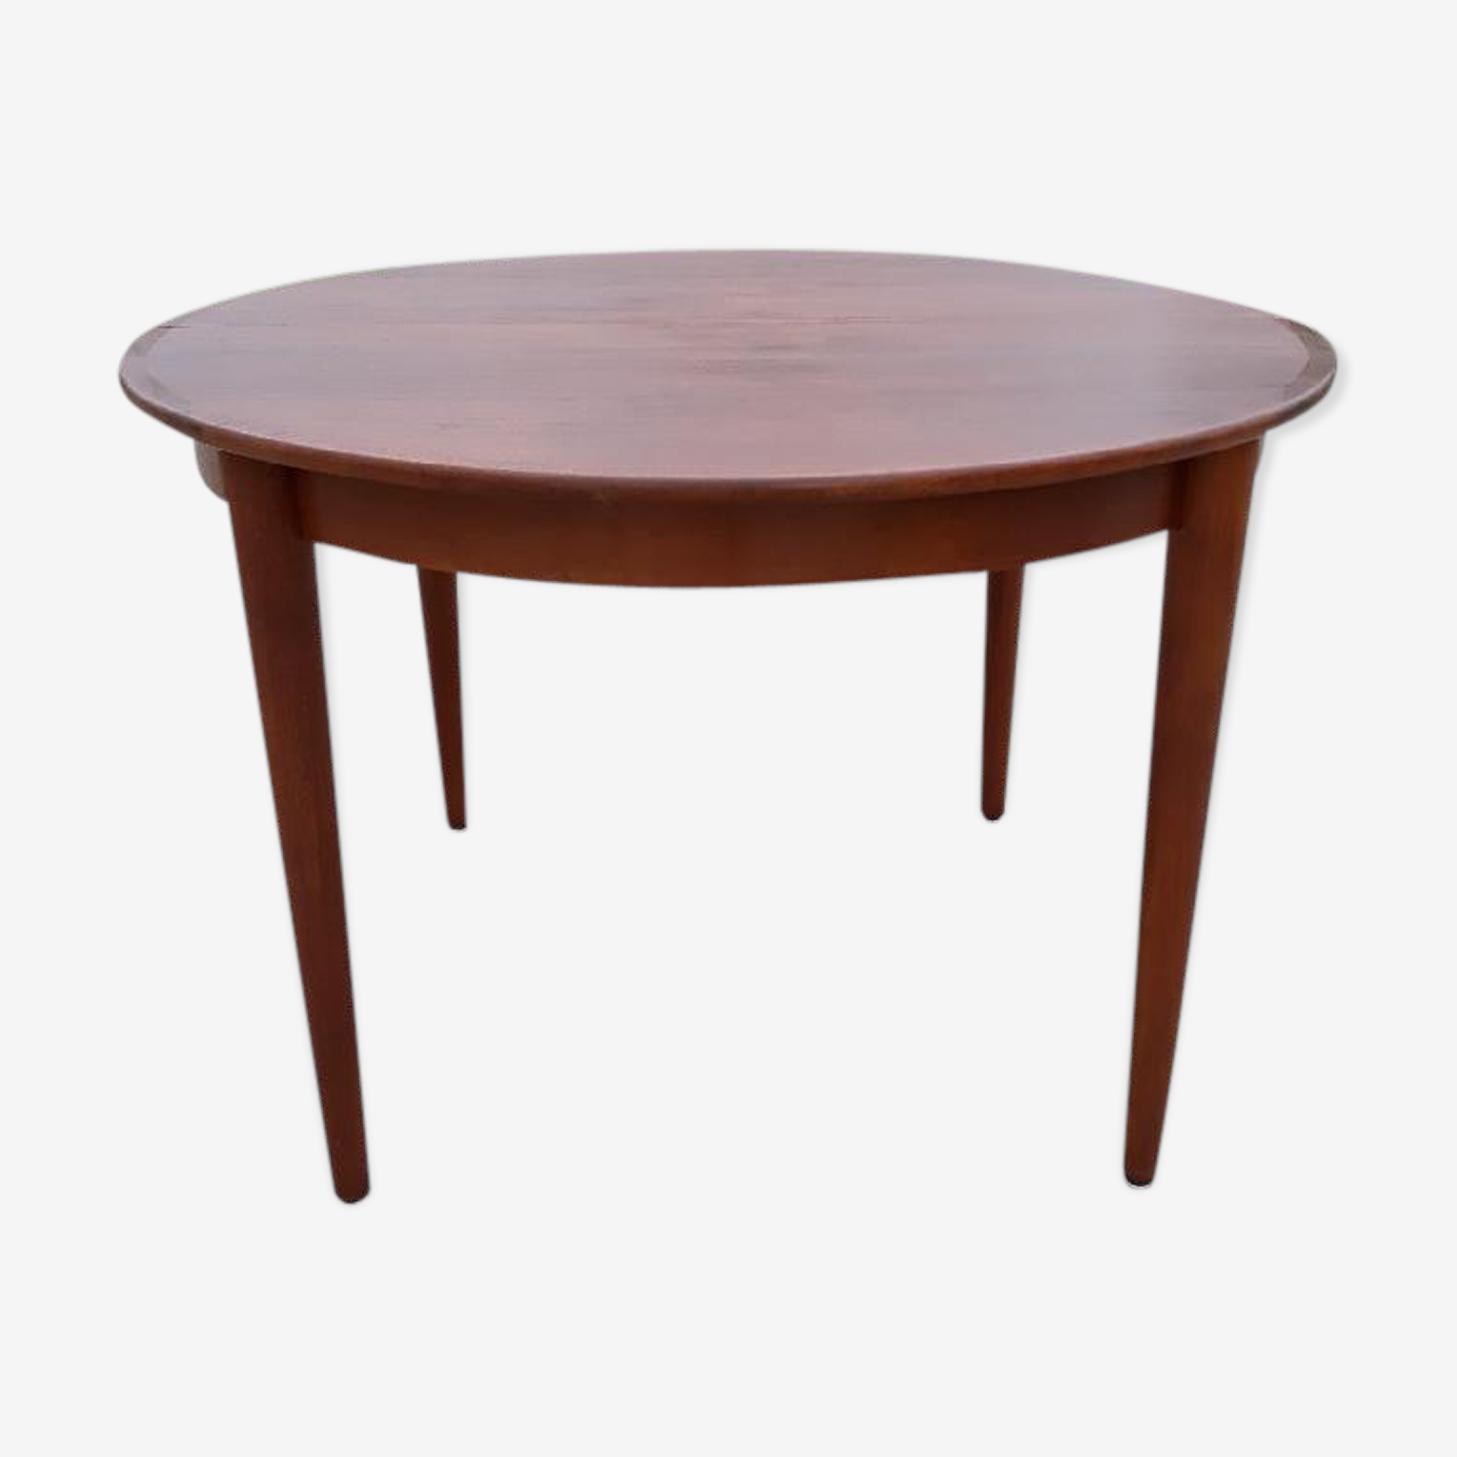 Samcom teak circular table